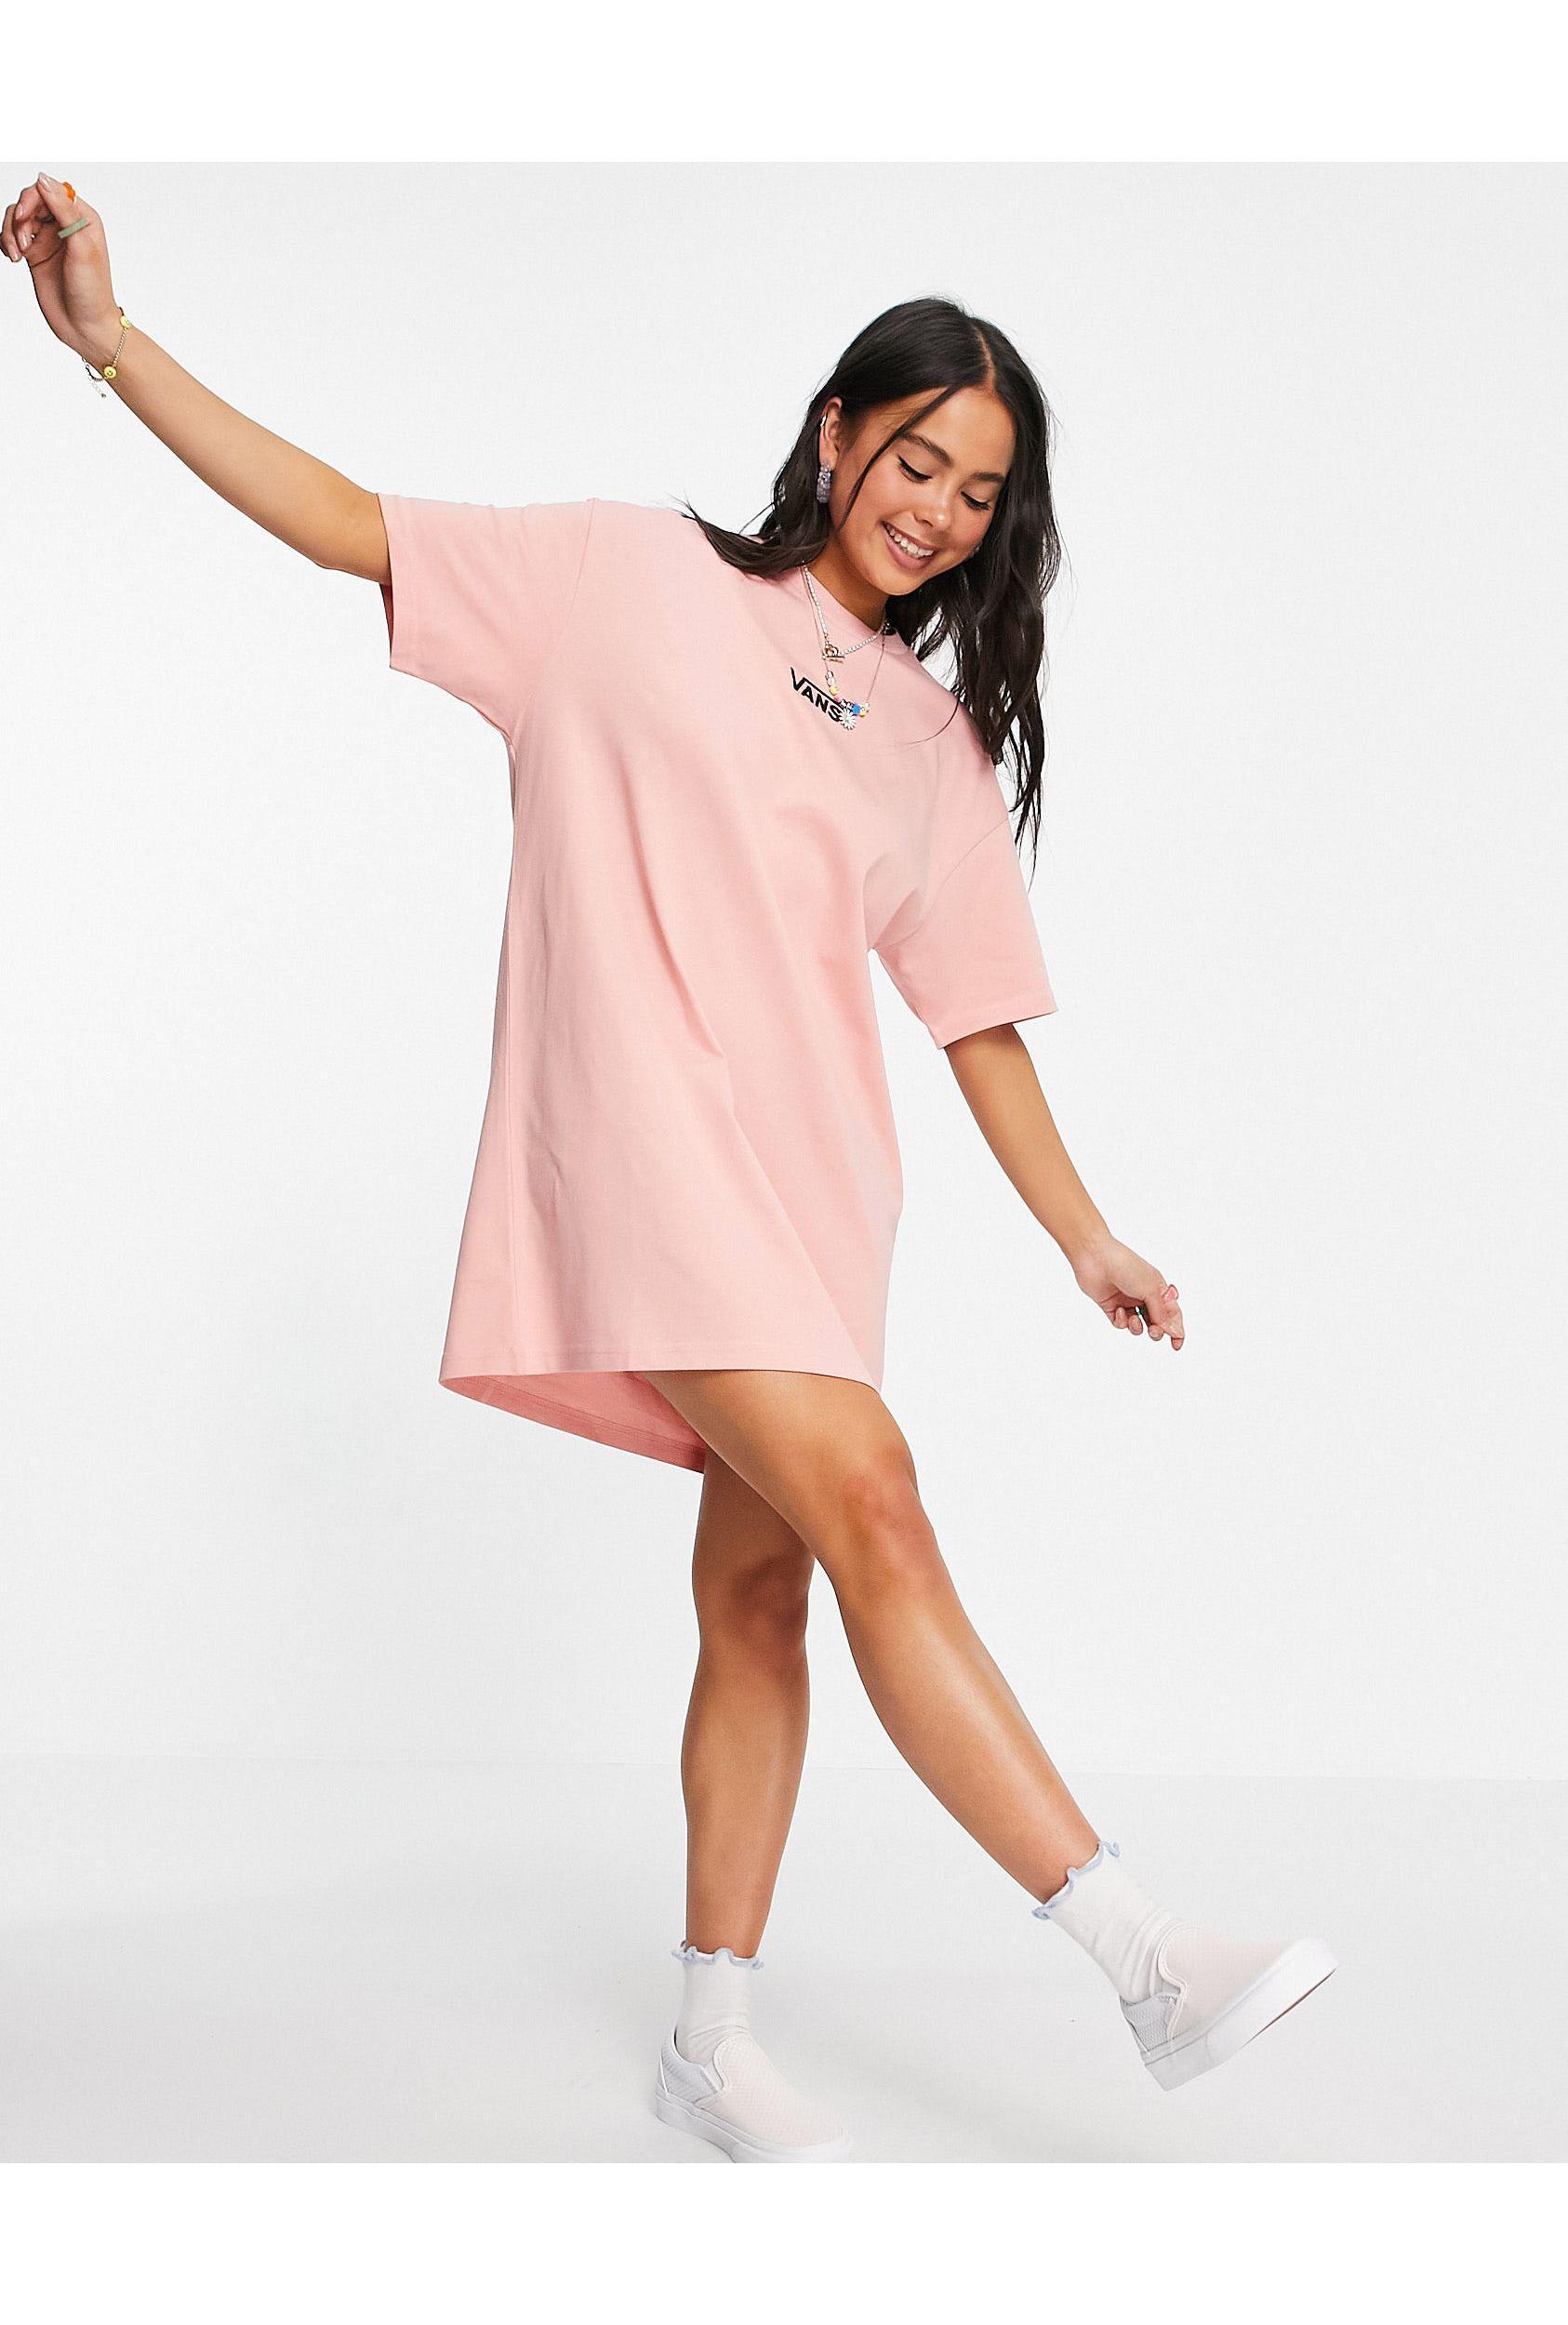 Center V - Vestito T-shirt corallo di Vans in Rosa - Lyst